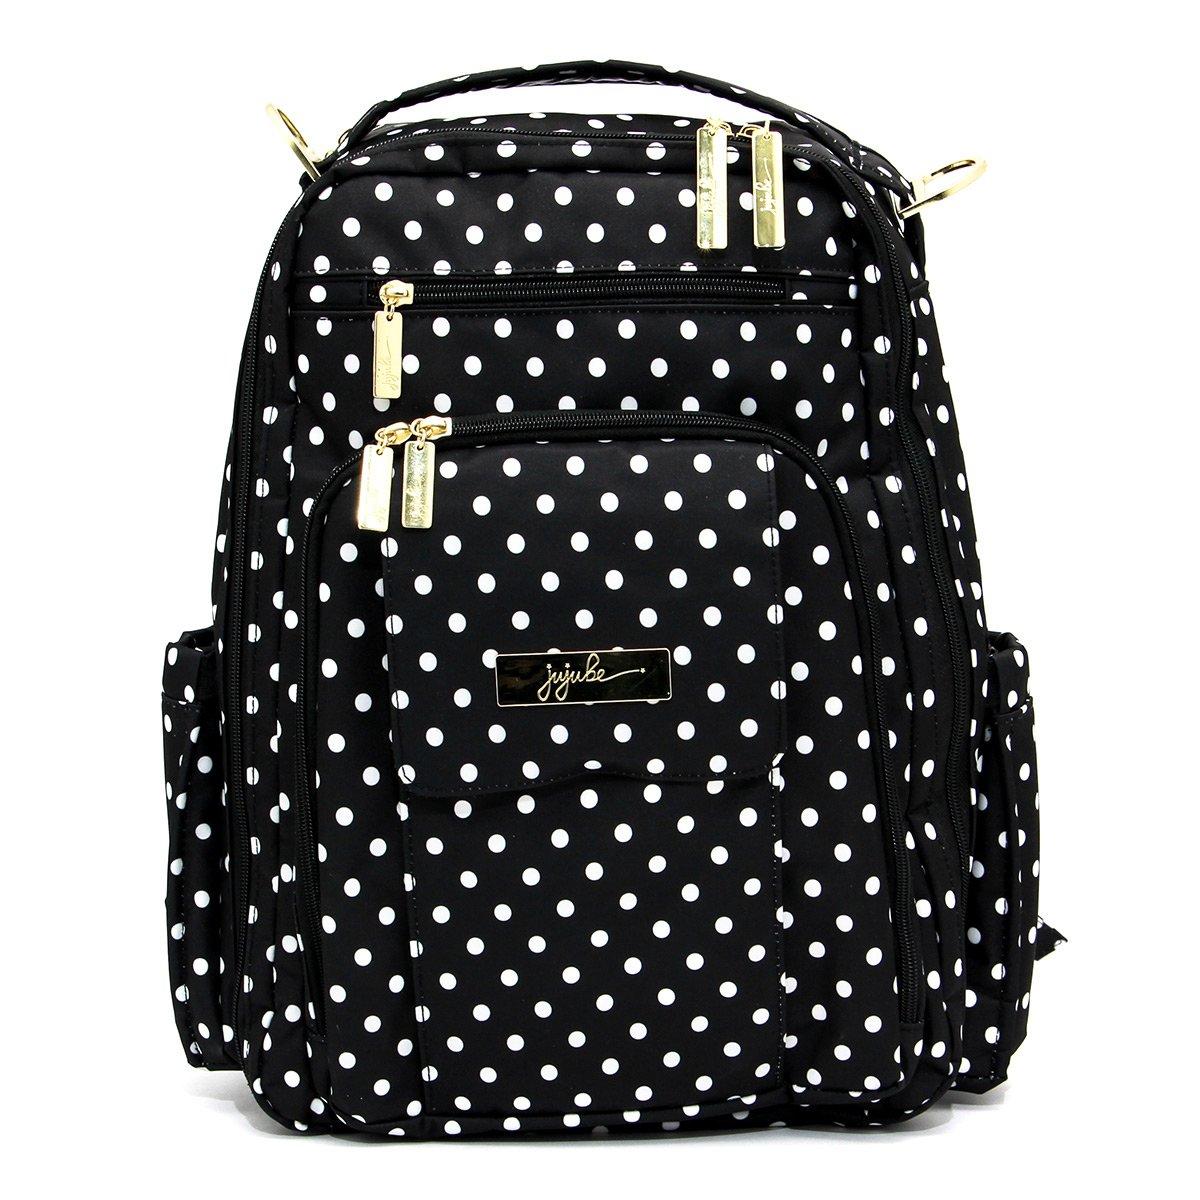 Top 6 Best Baby Bag Backpack Reviews in 2020 1